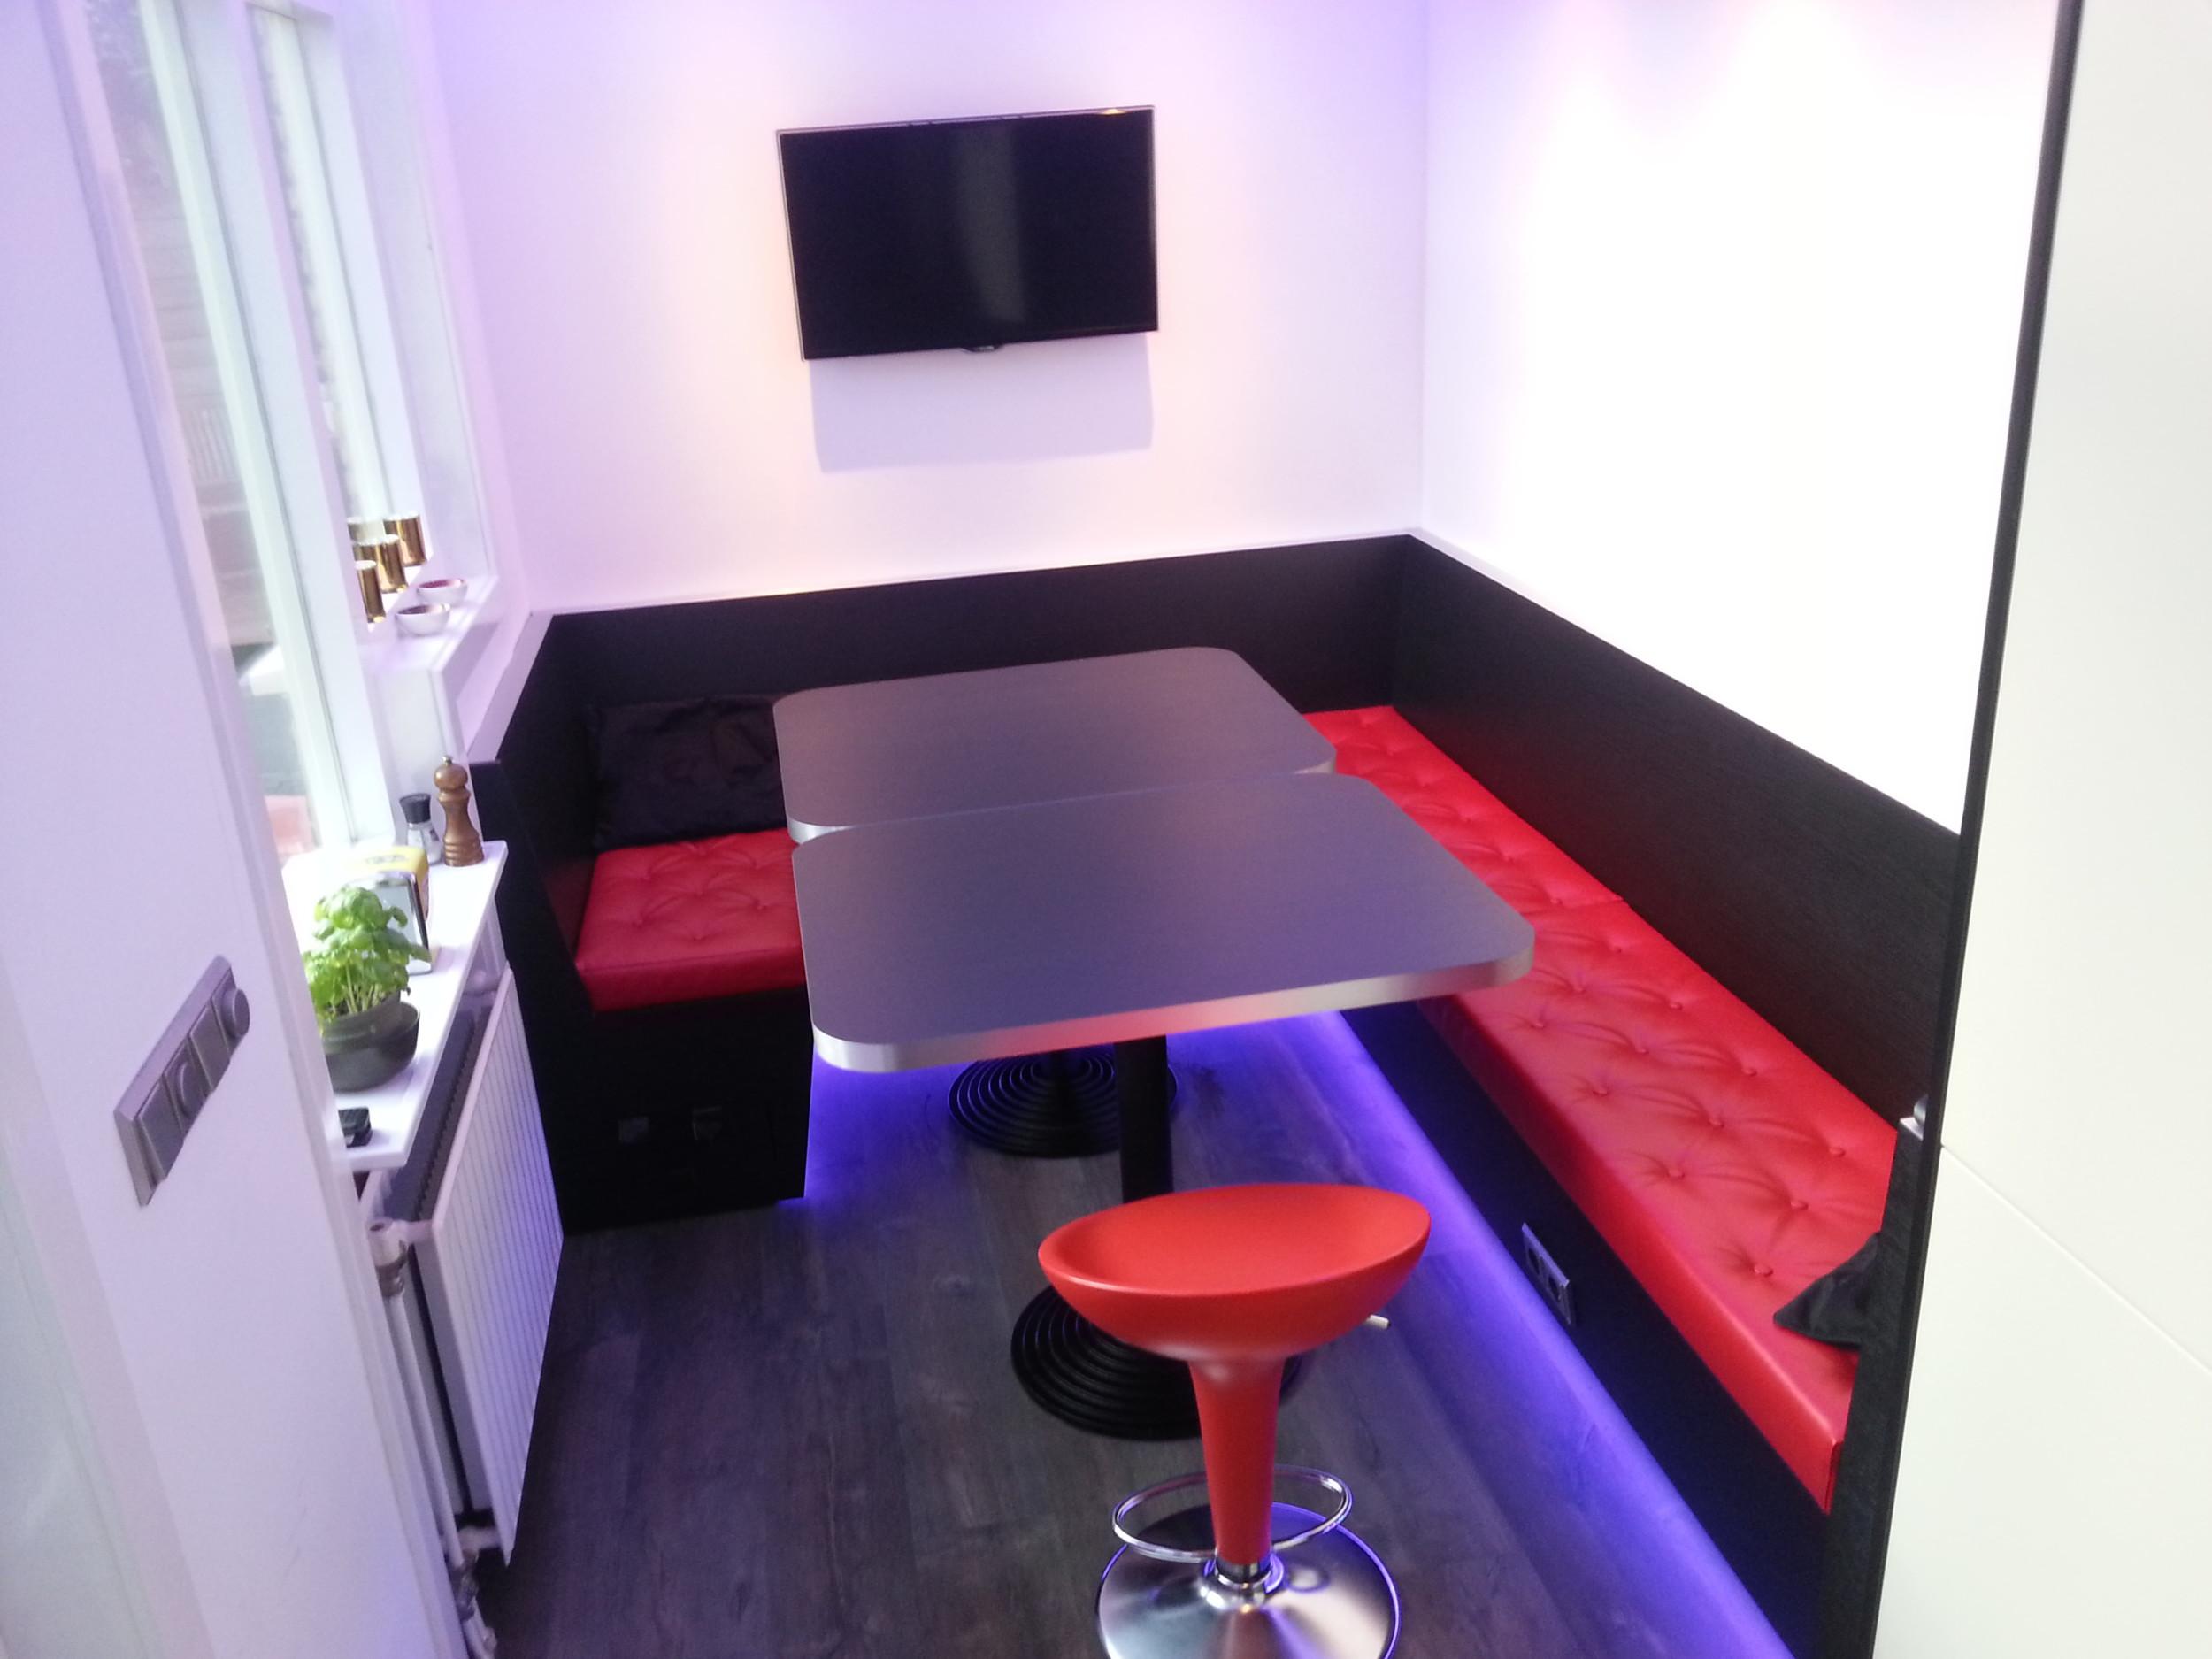 Keuken Hoekbank Op Maat : hoekbank in keuken voorzien van RGB led verlichting